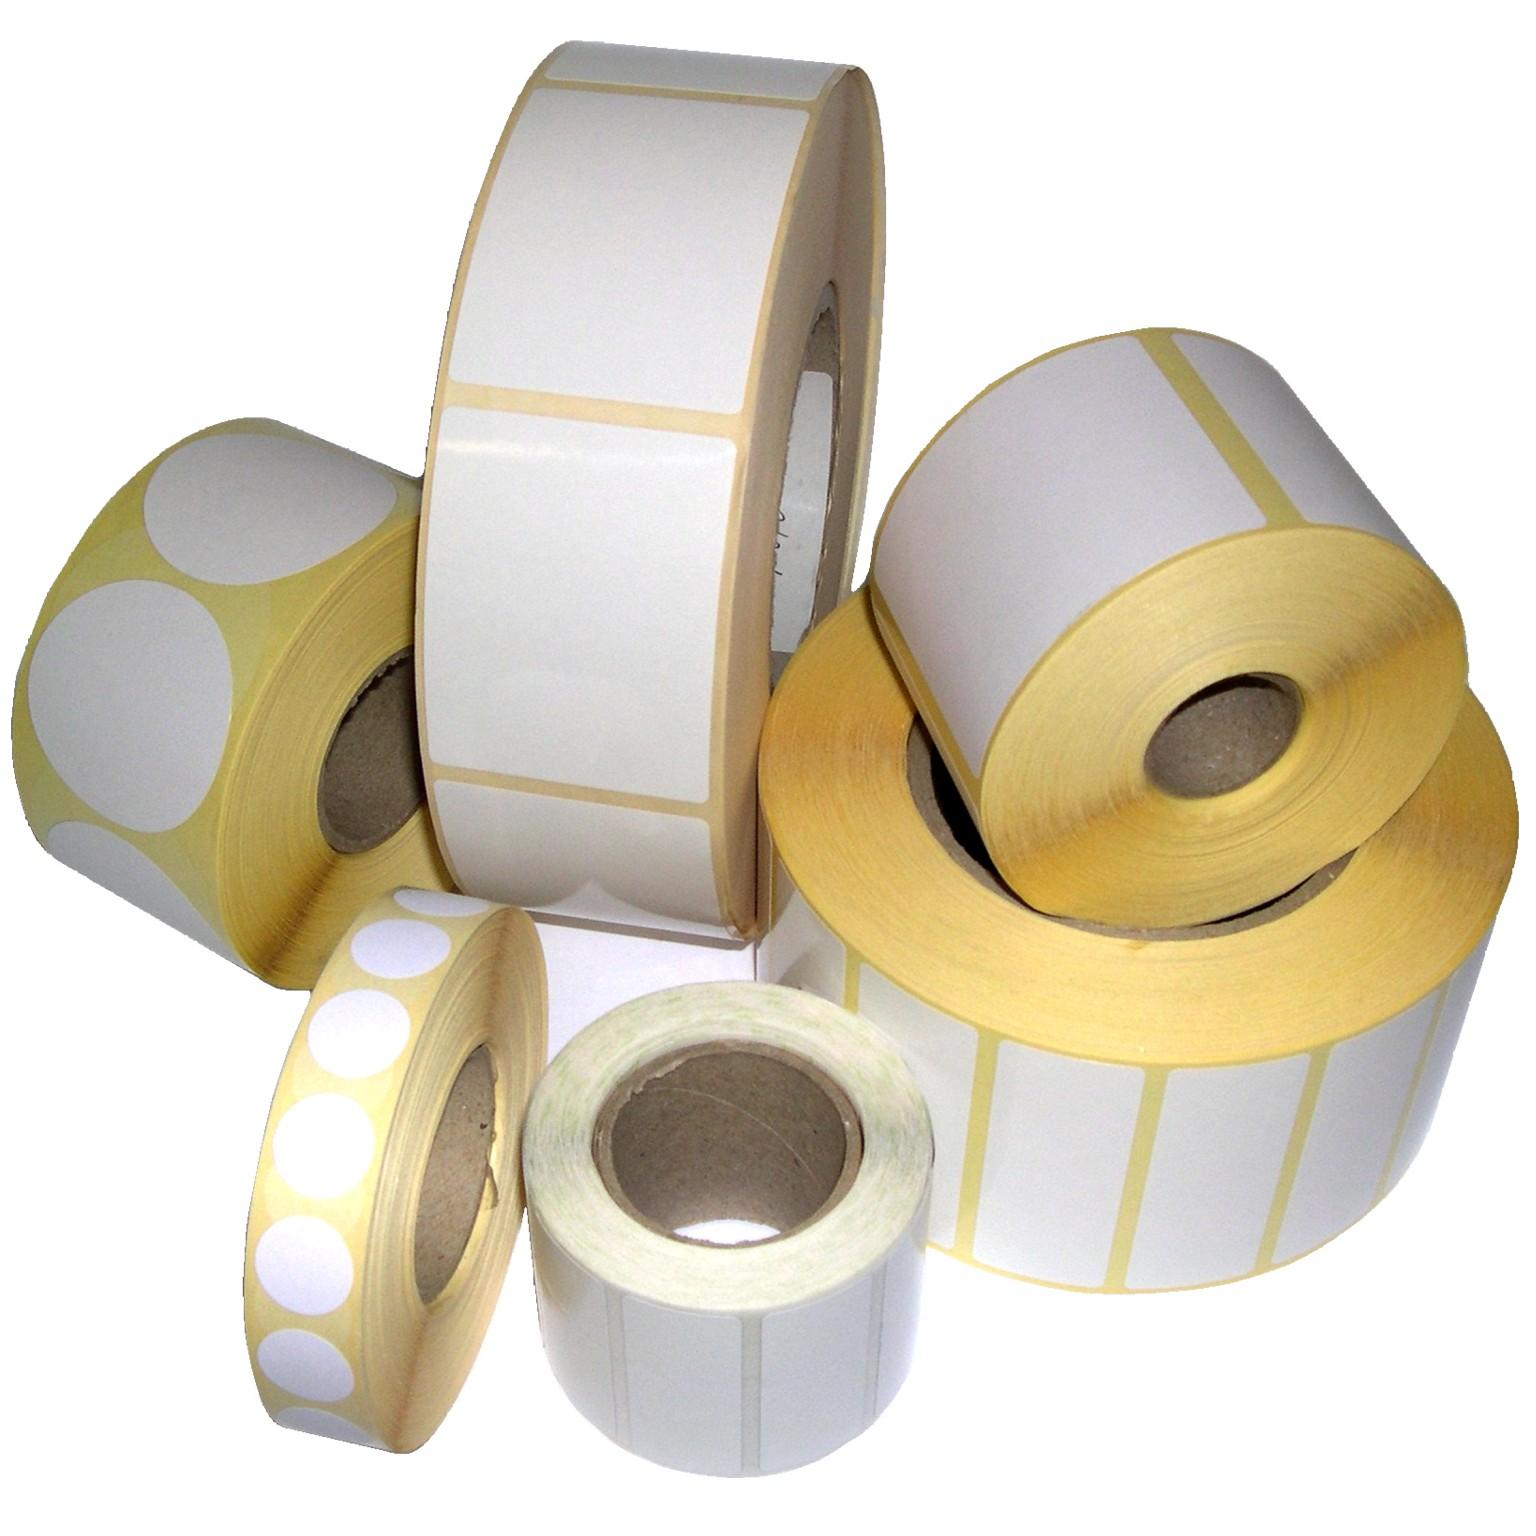 étiquettes adhésives pour imprimante thermique ou jet d'encre